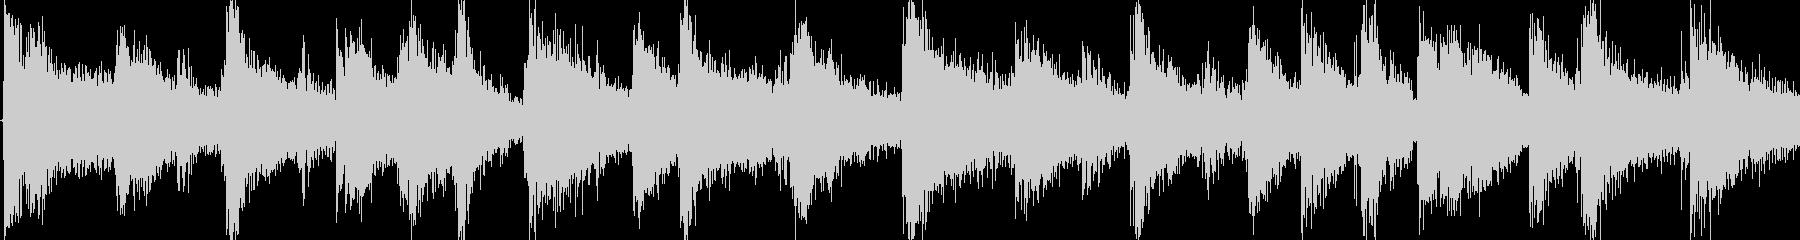 カーニバル サンバ ラテン Loop素材の未再生の波形